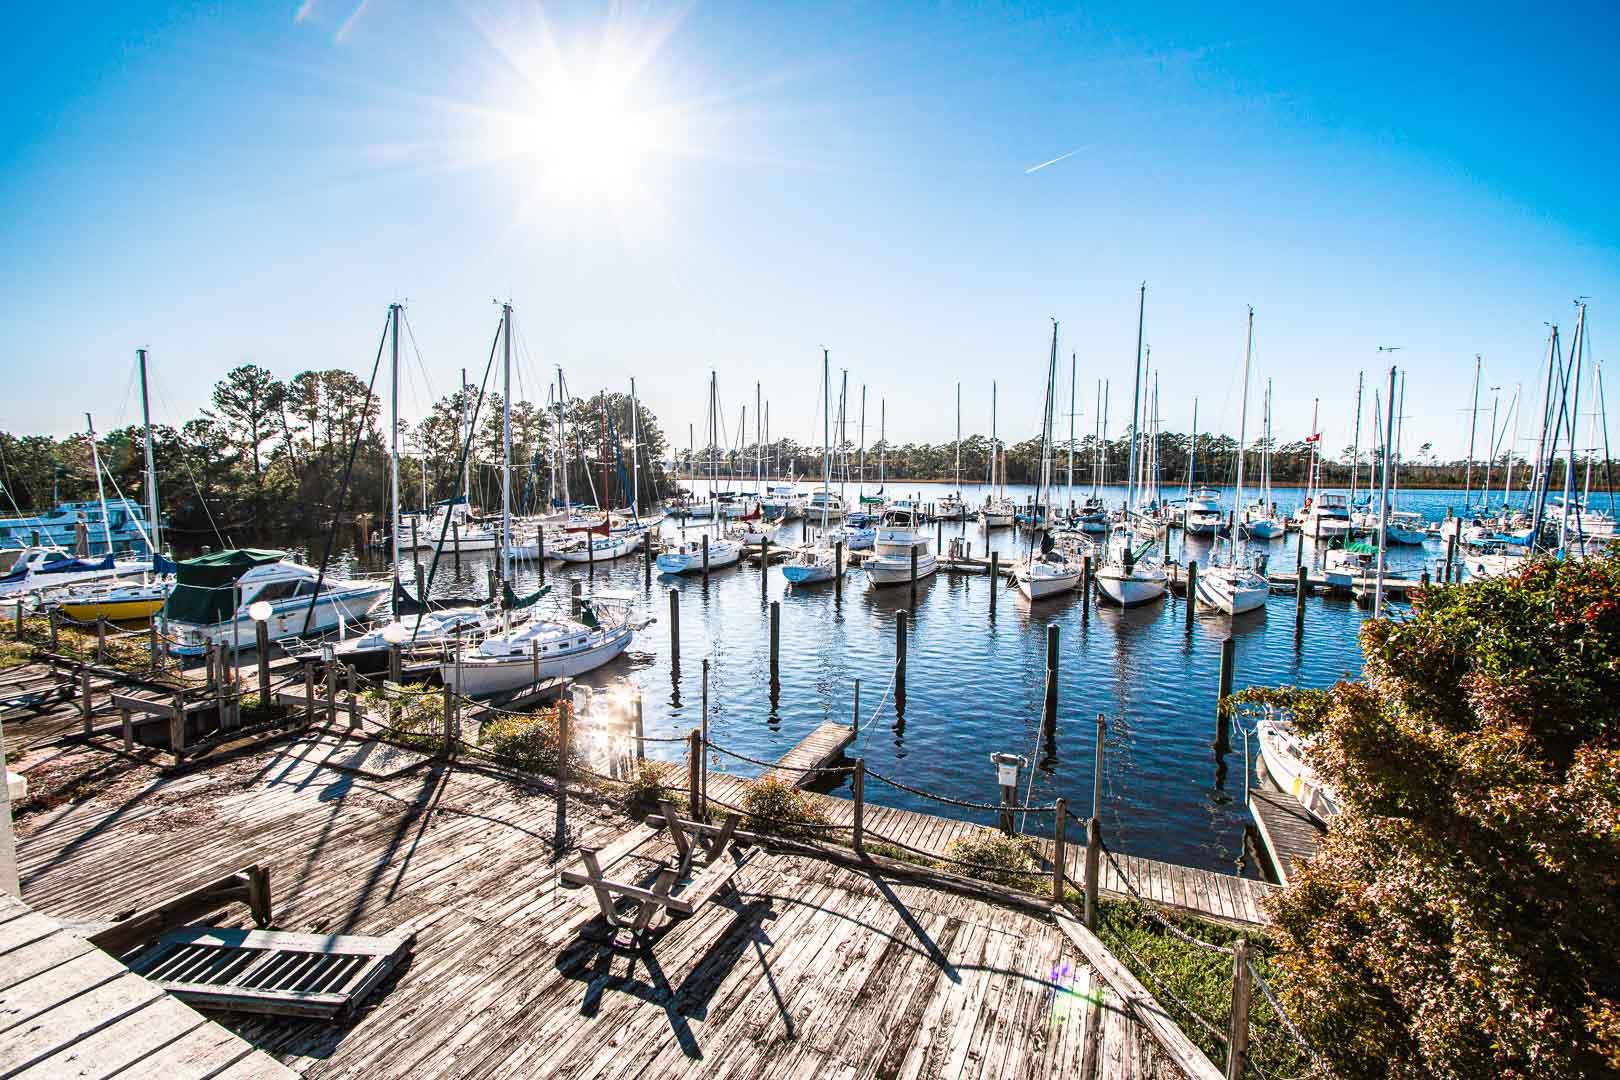 A scenic view of the boat dock at VRI's Sandcastle Cove in New Bern, North Carolina.